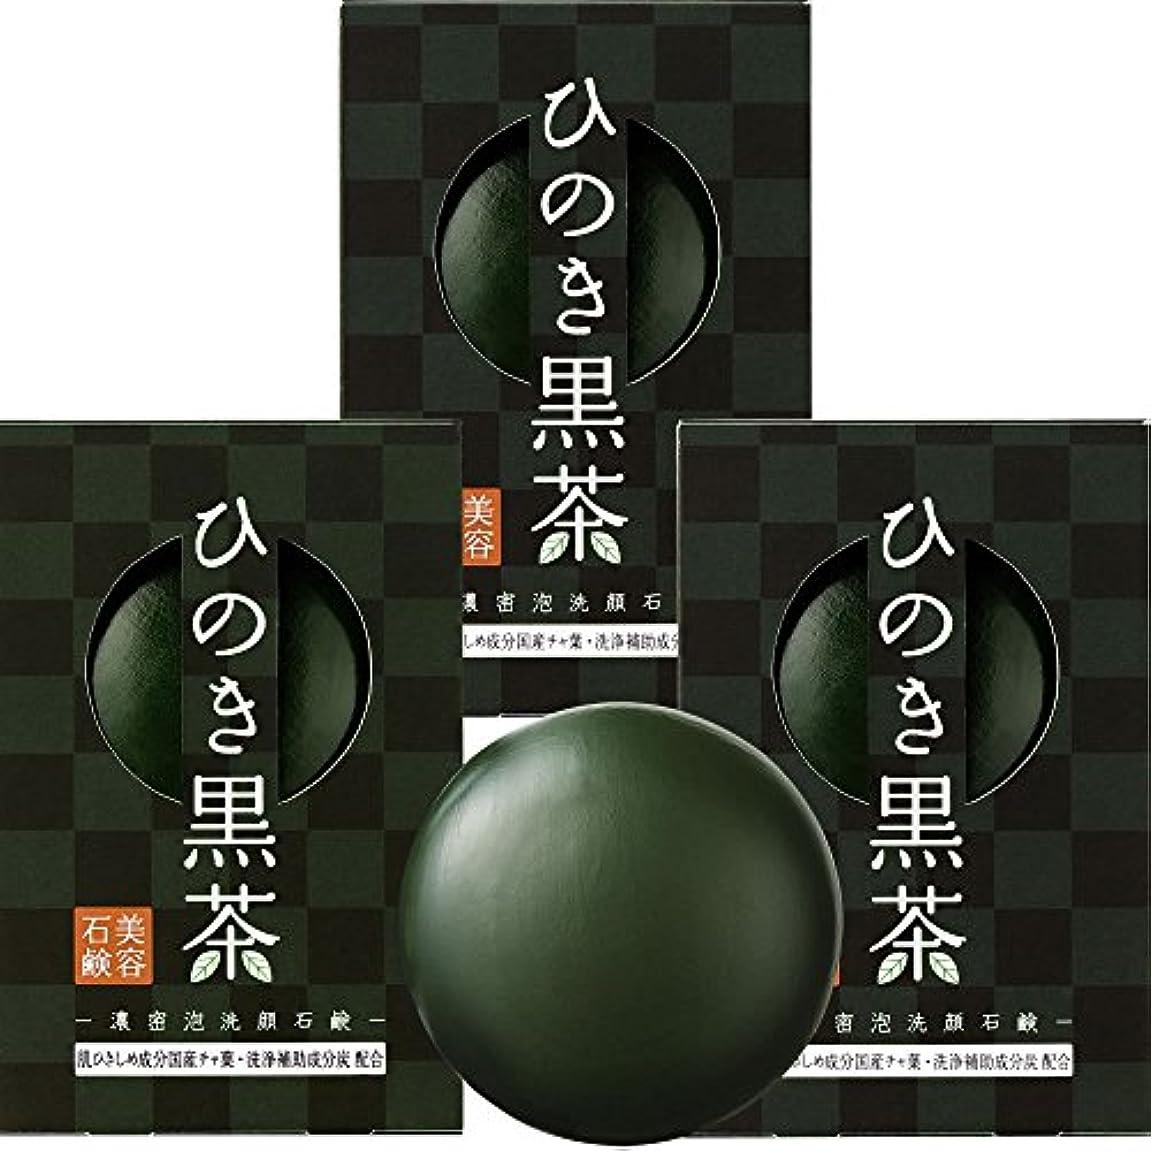 ペナルティ批判十分ですひのき黒茶石鹸 (80g×3個) [保湿成分配合] ヒアルロン酸 コラーゲン